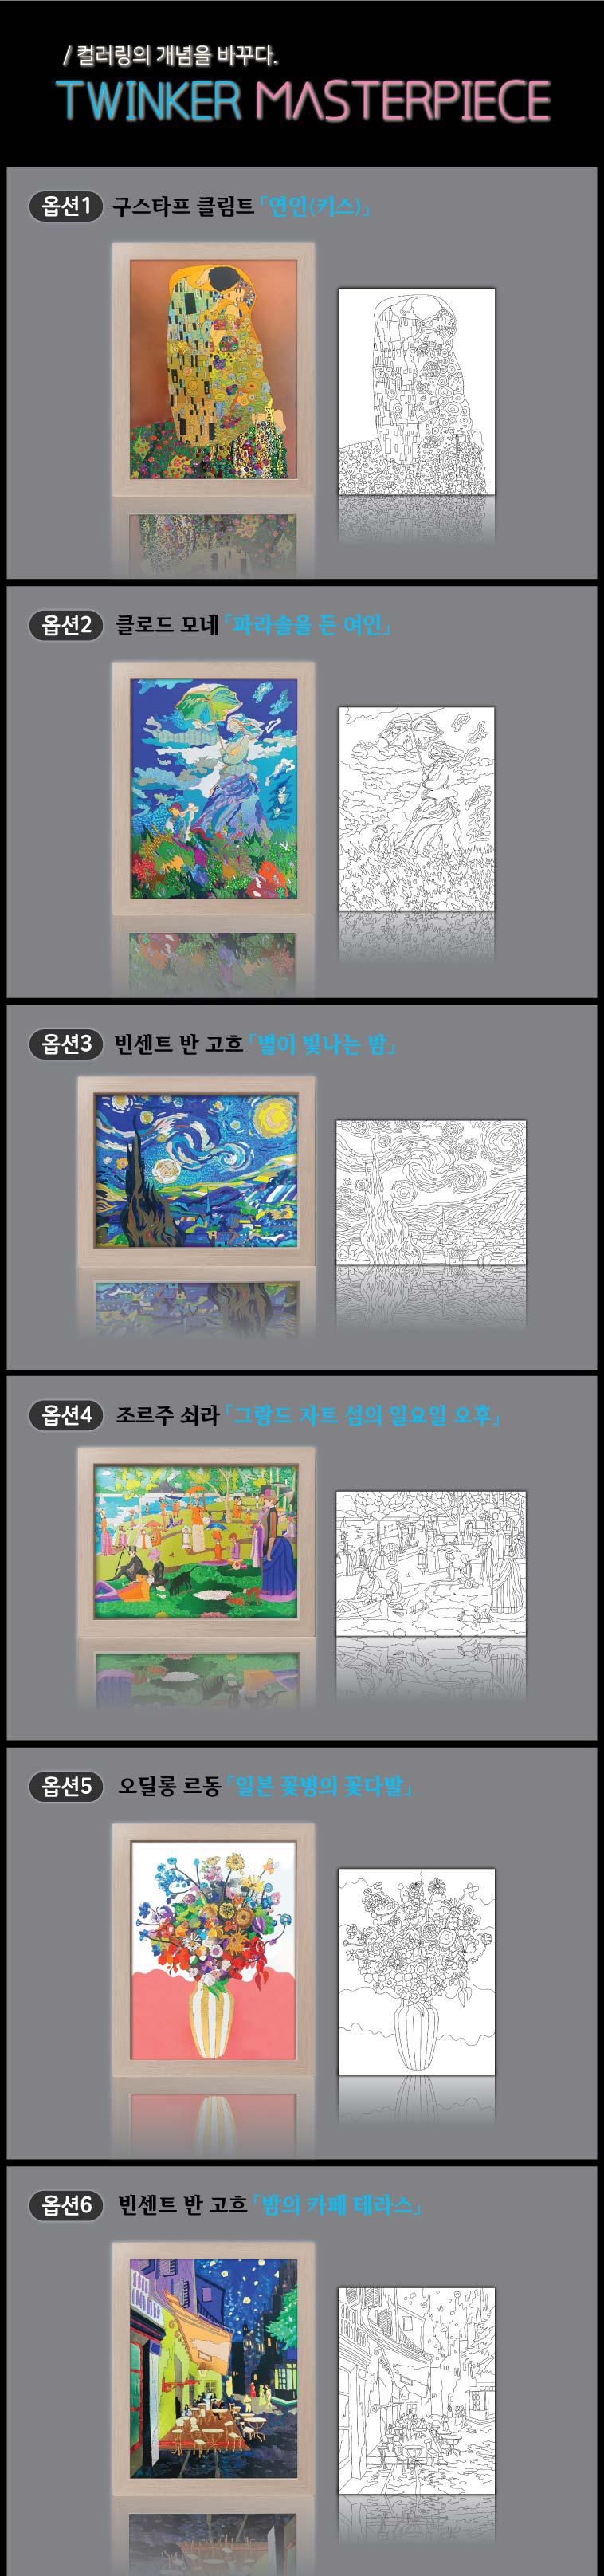 반짝커 마스터피스 클림트 생명의 나무 - 키난빌, 18,900원, DIY그리기, 명화/풍경 그리기